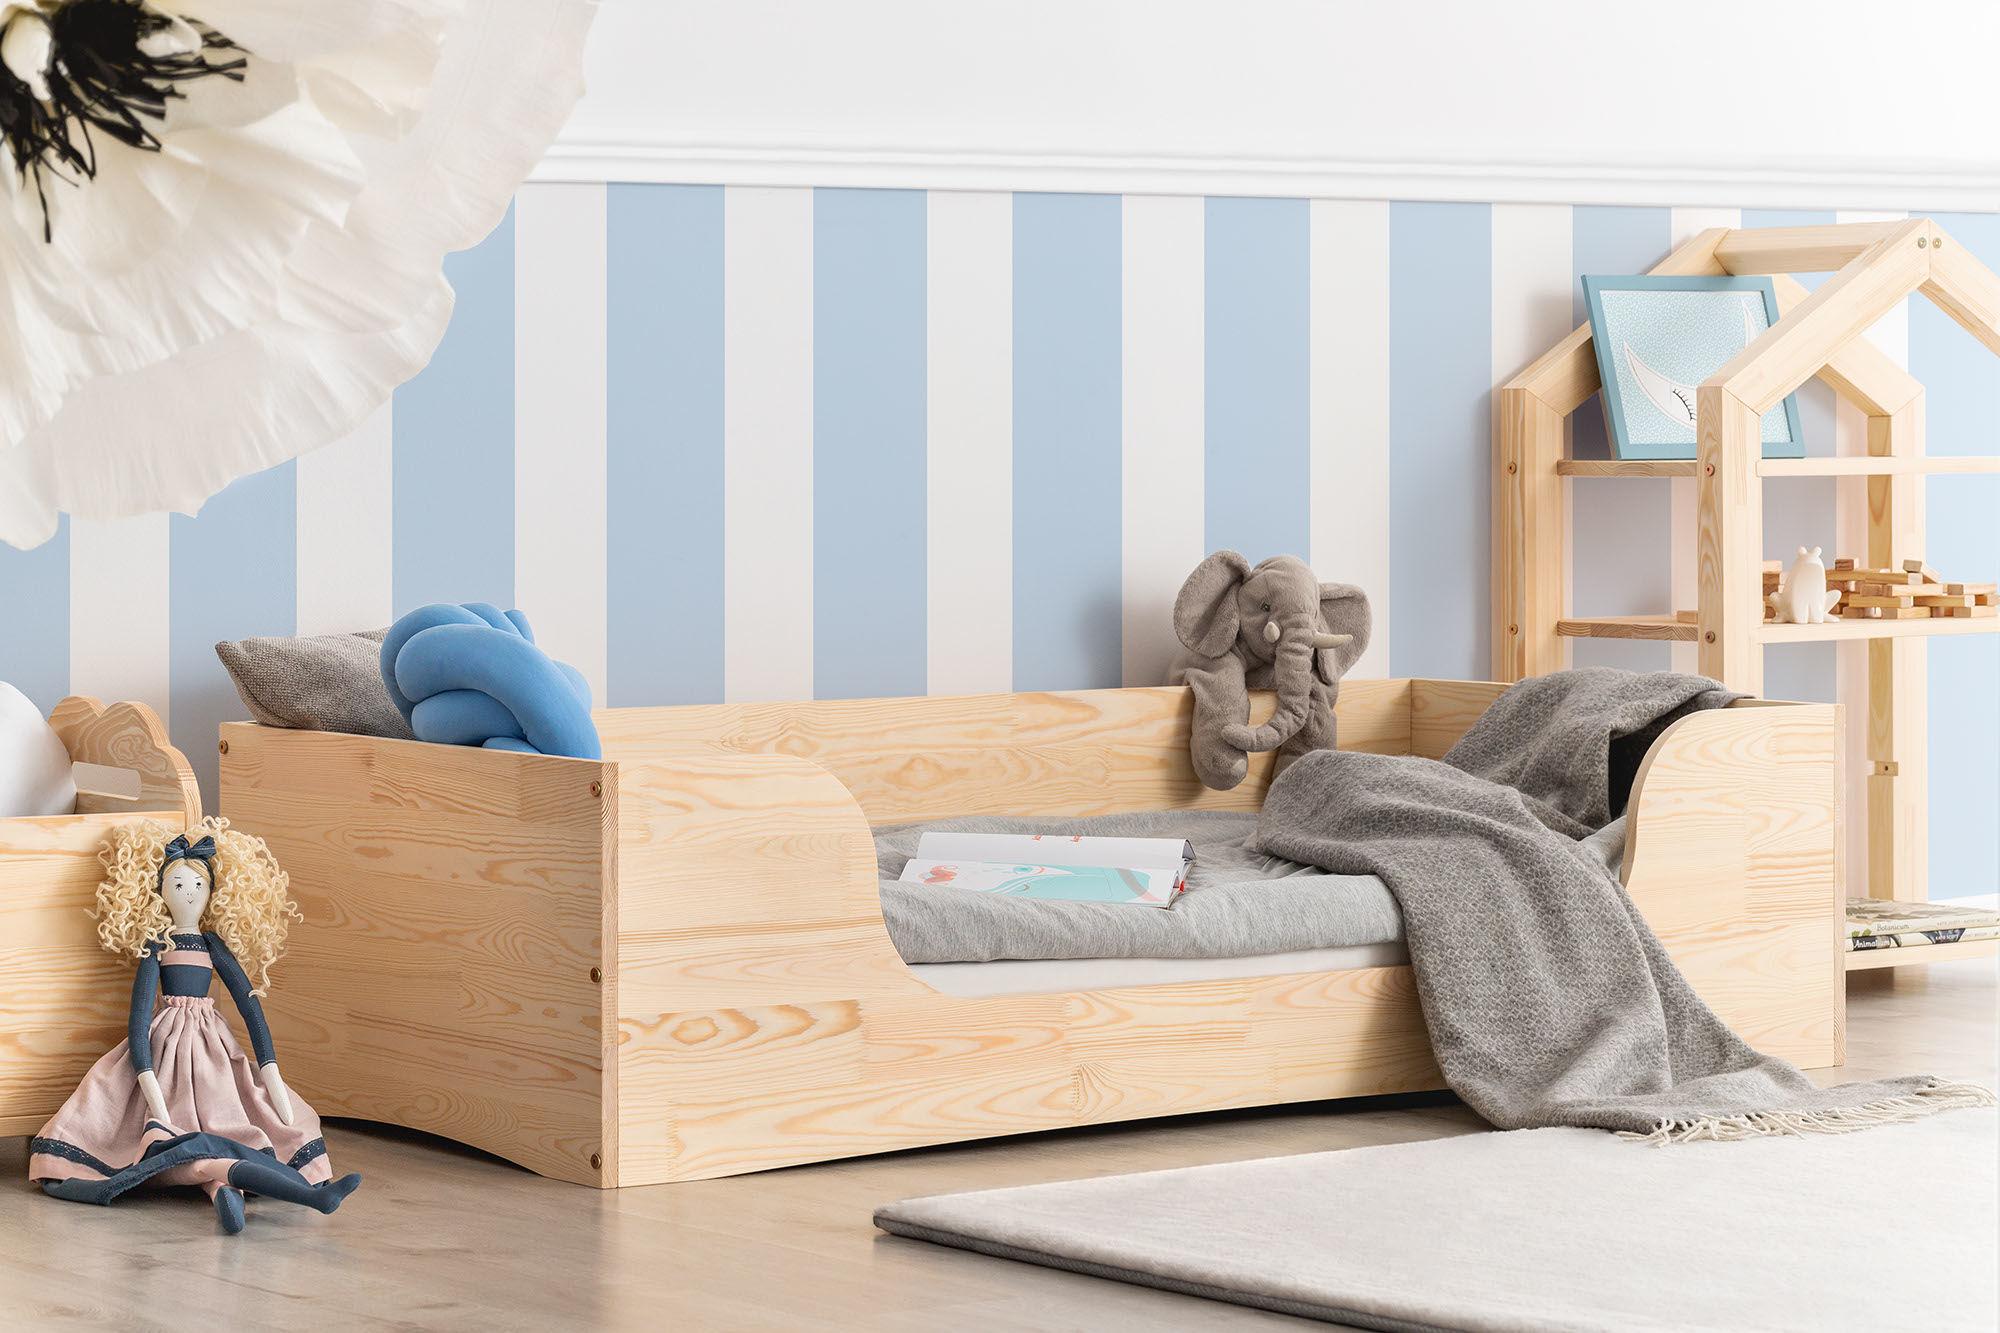 Łóżko dla dzieci pojedyncze Kiara